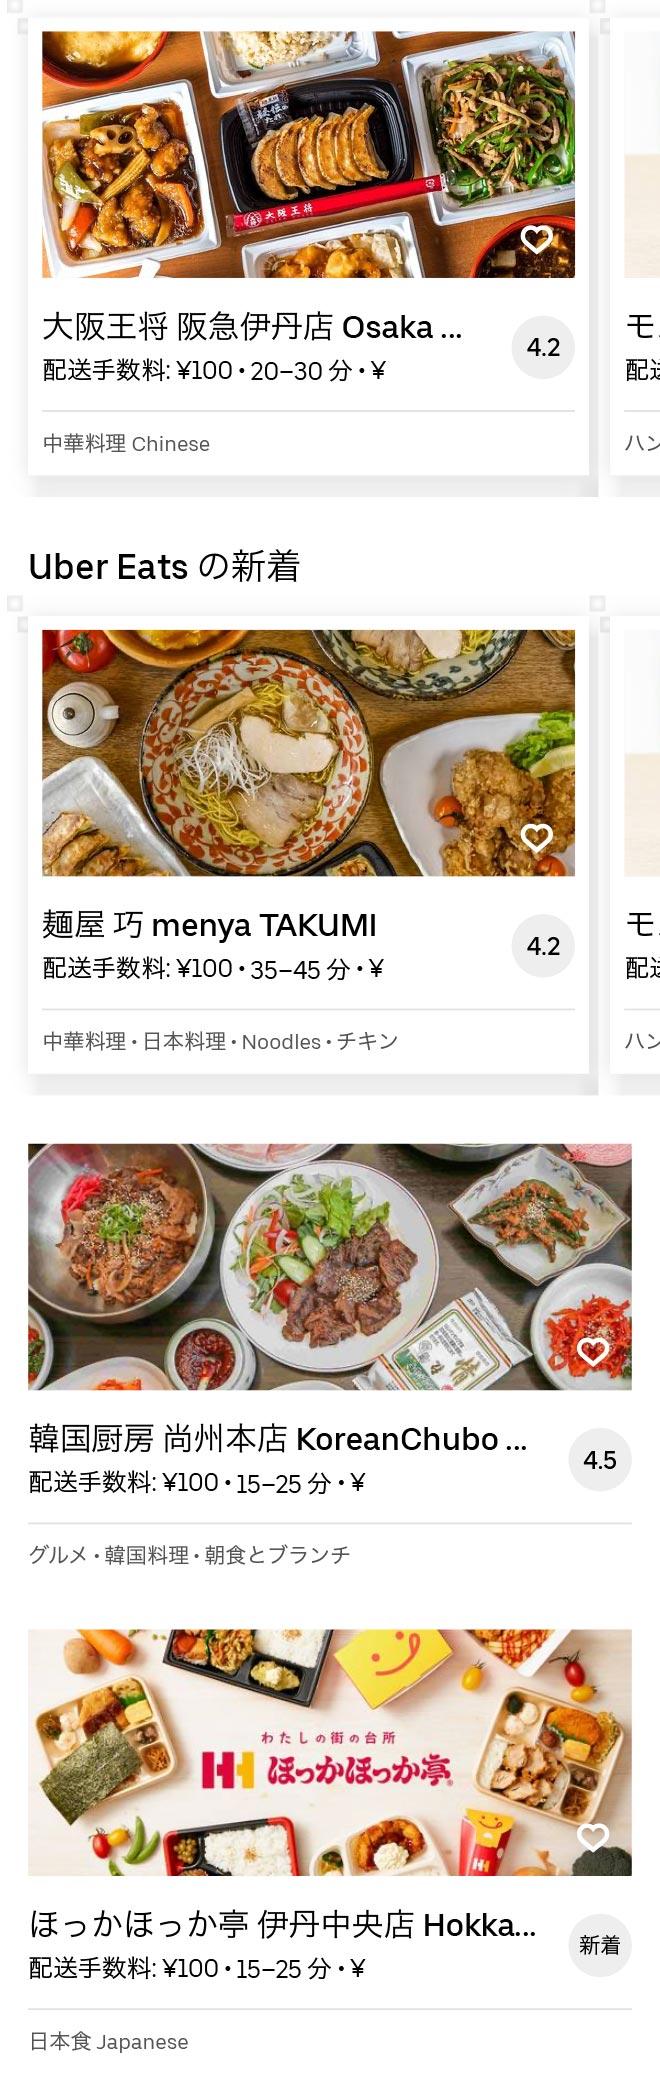 Itami menu 2007 02